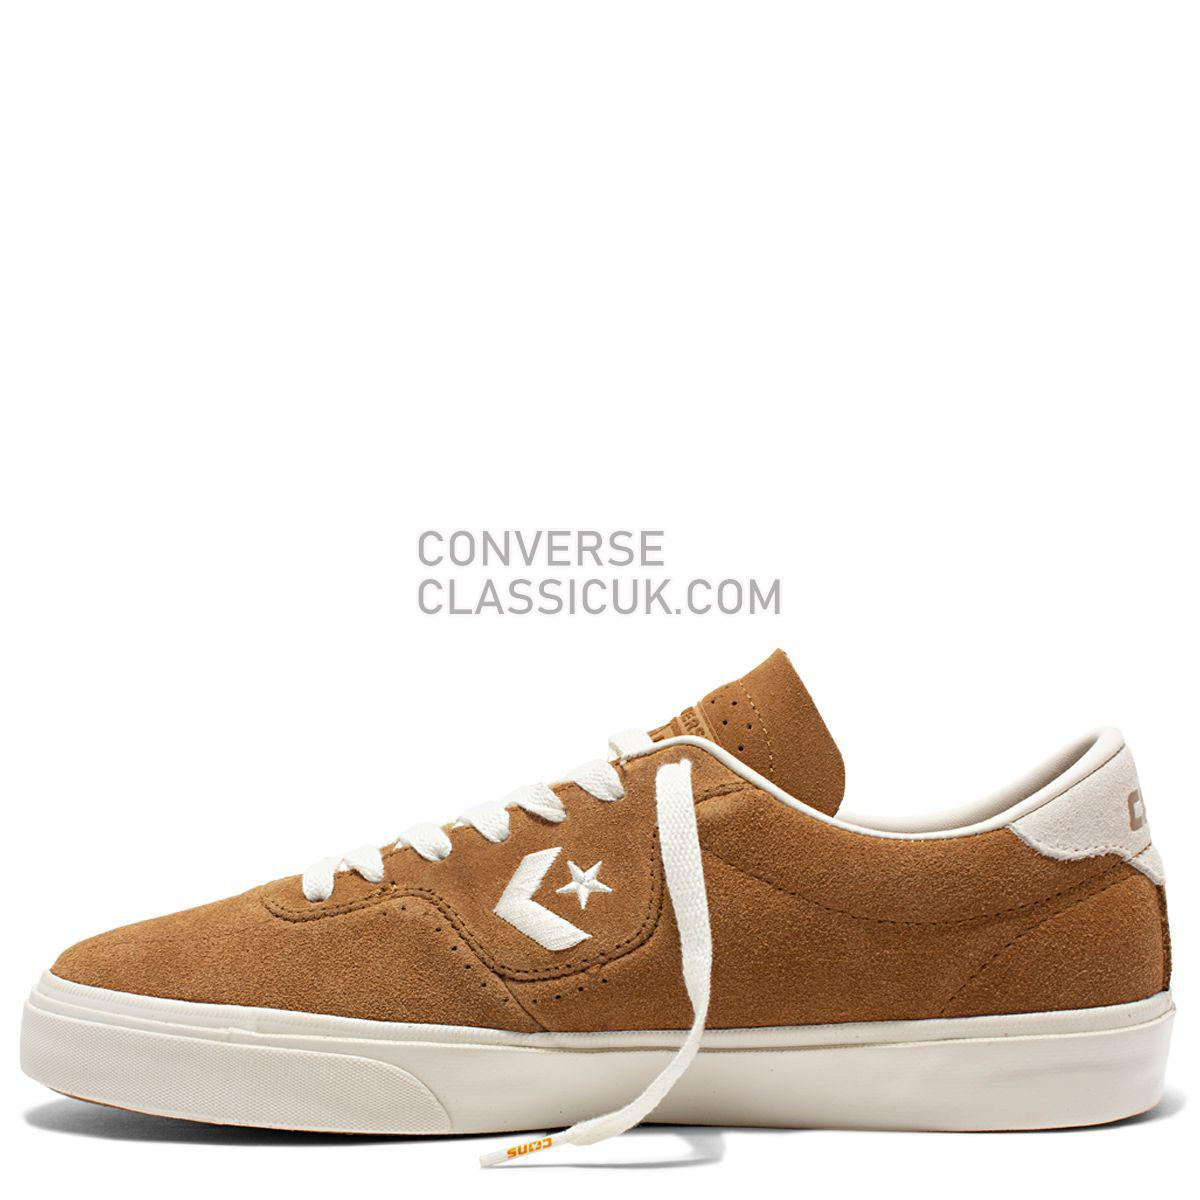 Converse CONS Louie Lopez Pro Low Top  Ale Brown Mens 164164 Ale Brown/Active Fuchsia/Egret Shoes